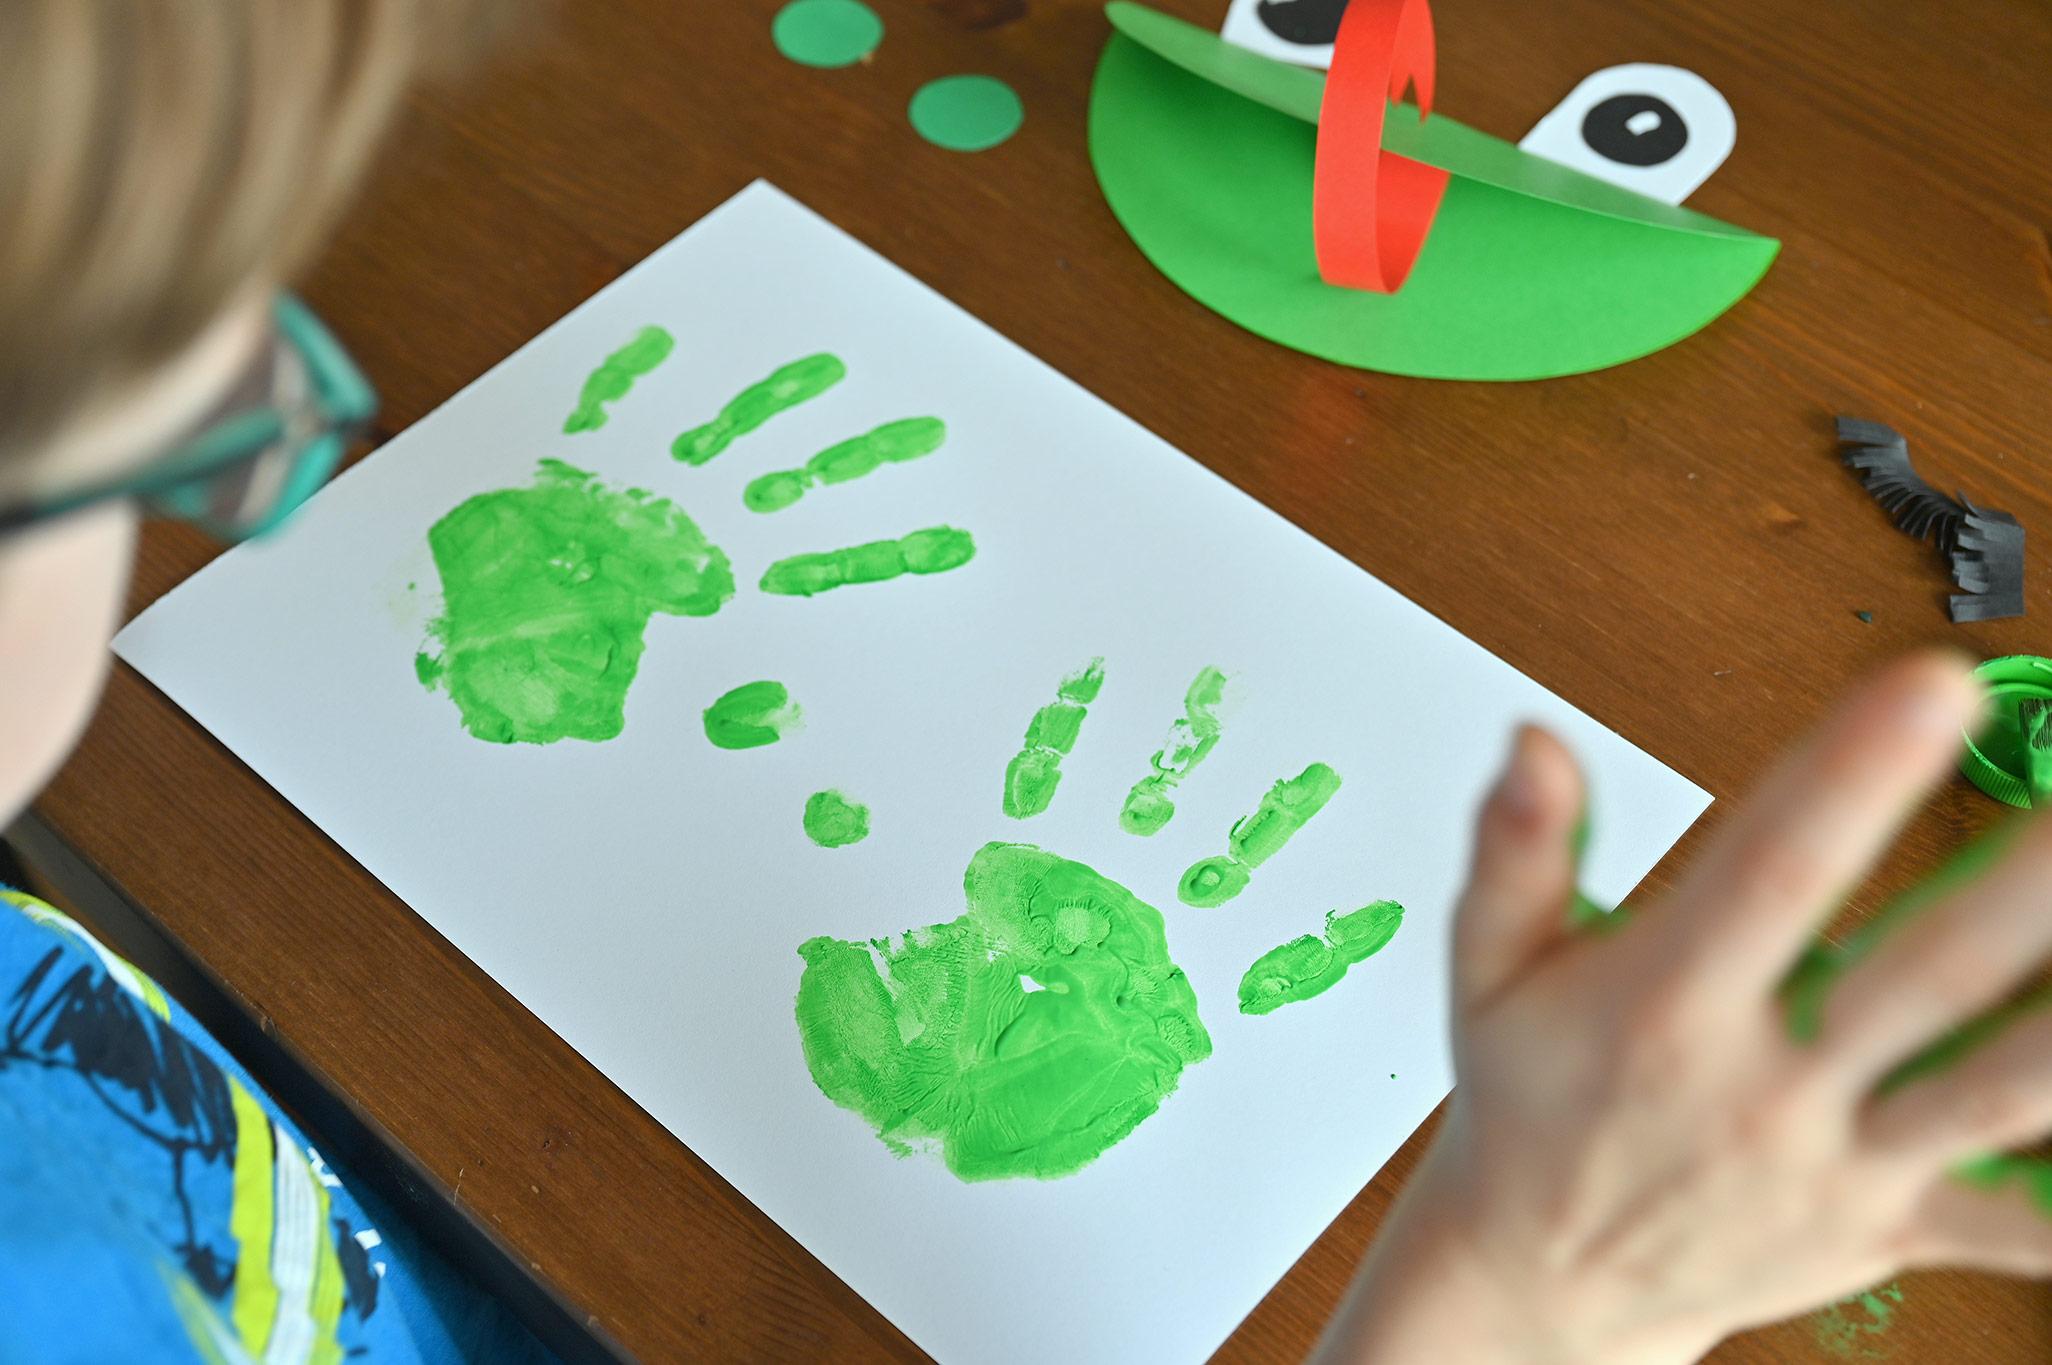 prace plastyczne przedszkole, ciekawe prace plastyczne